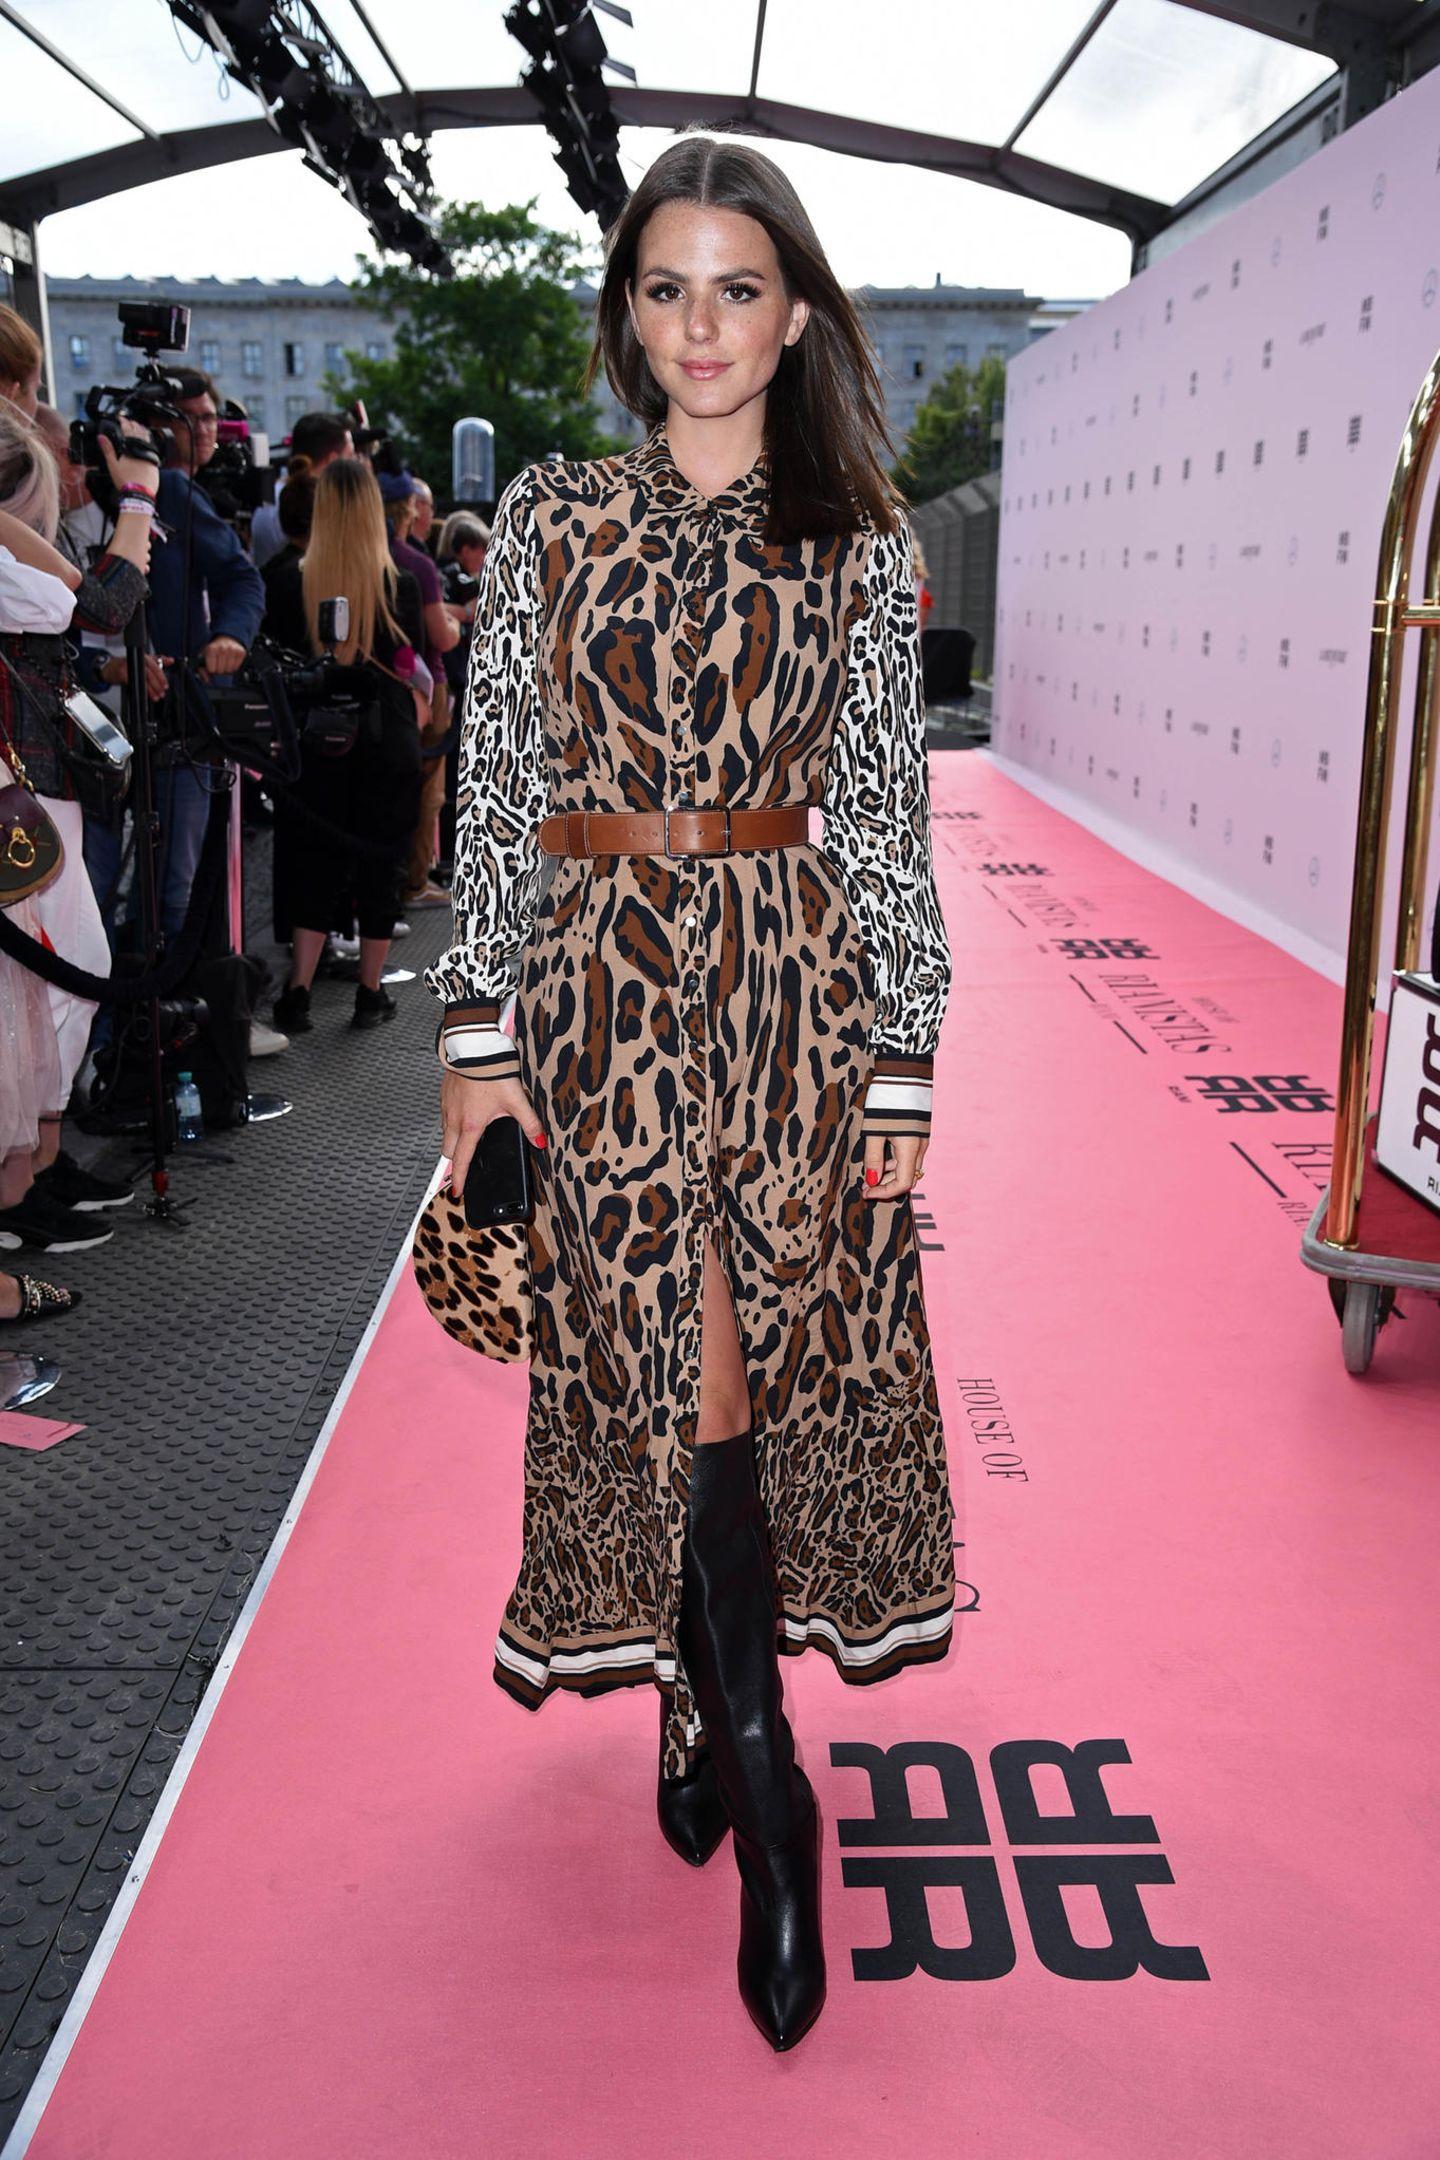 Ruby O. Fee schwebt im stylischen Leo-Look über den Pink Carpet bei Riani.